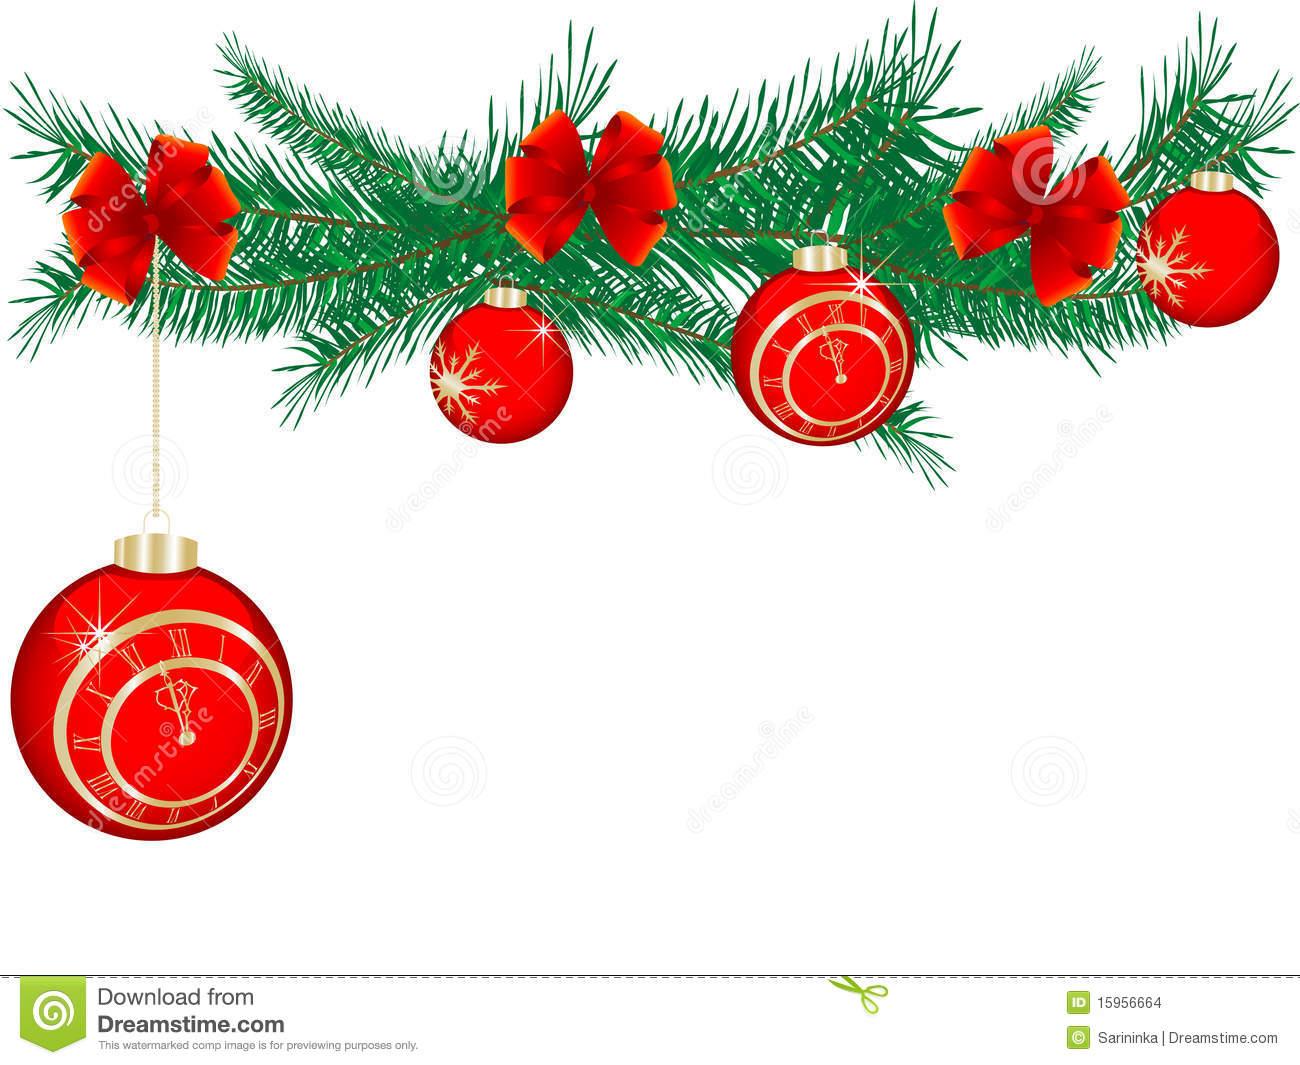 Weihnachten girlande clipart kostenlos 3 » Clipart Station.